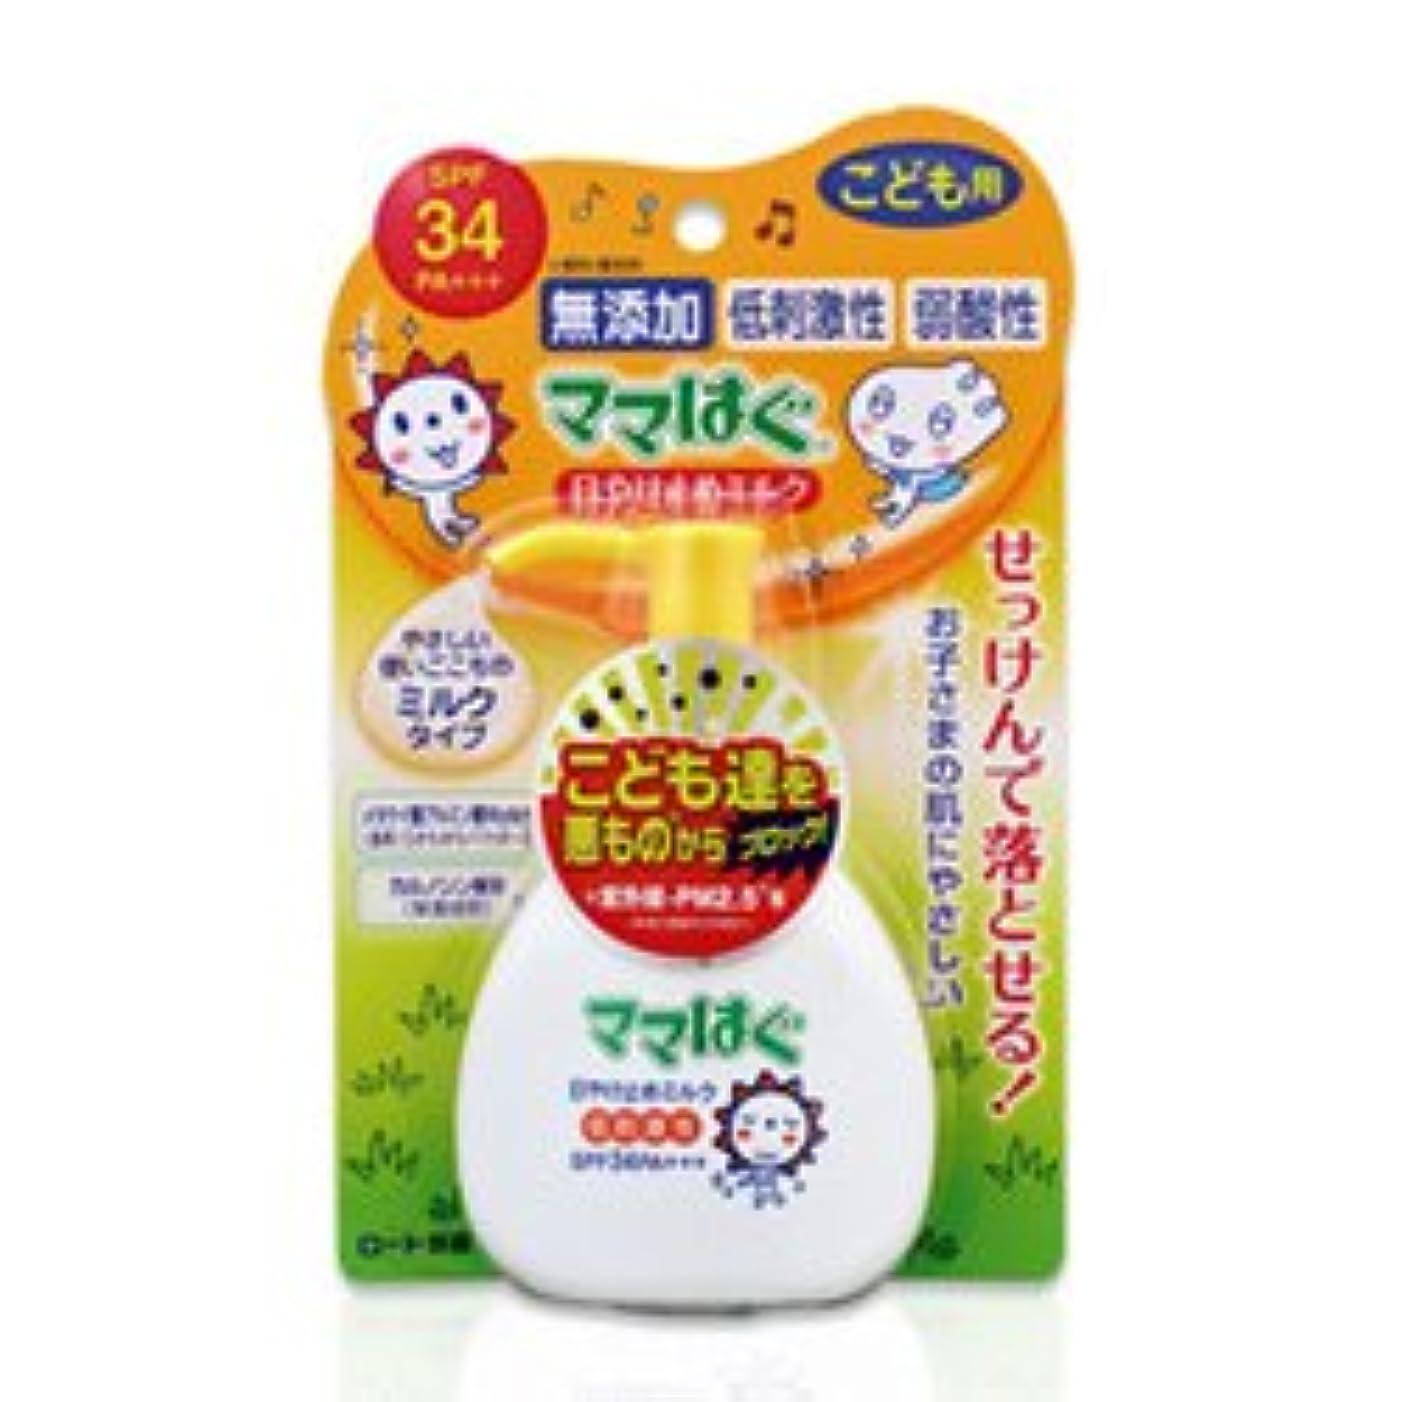 形成筋支援【ロート製薬】ママはぐ 日やけ止めミルク 100g ×10個セット